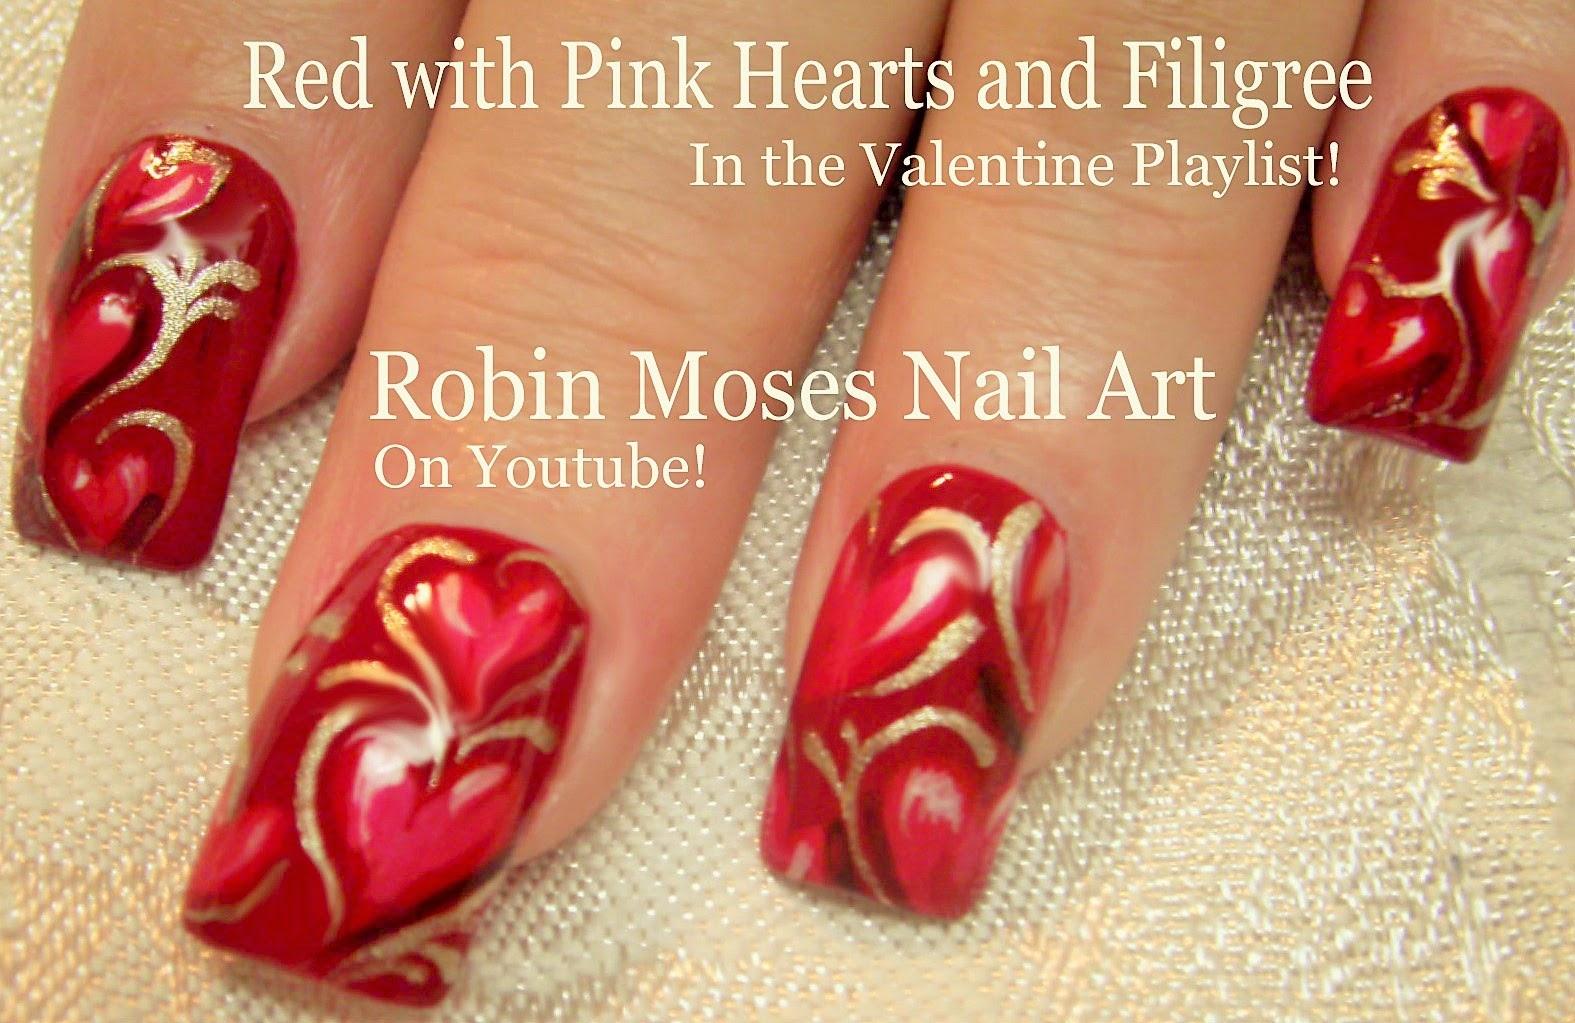 I heart nail art